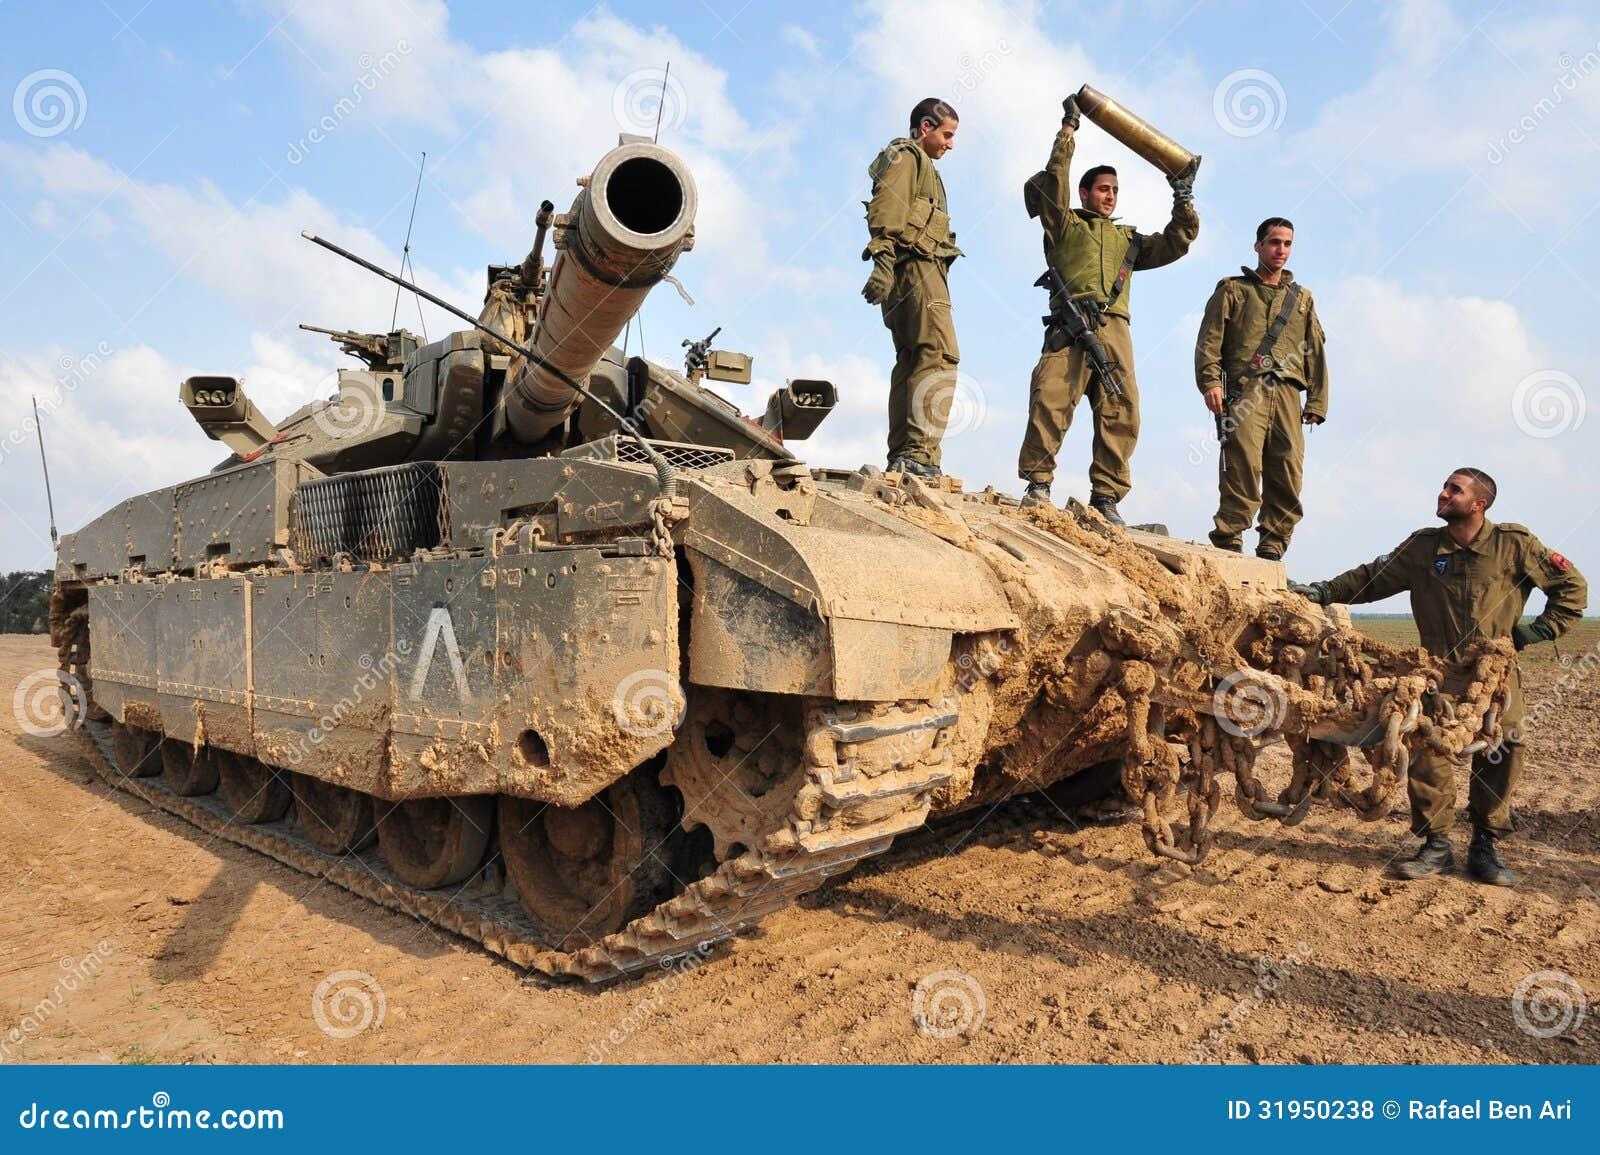 Израильский танк IDF - Merkava